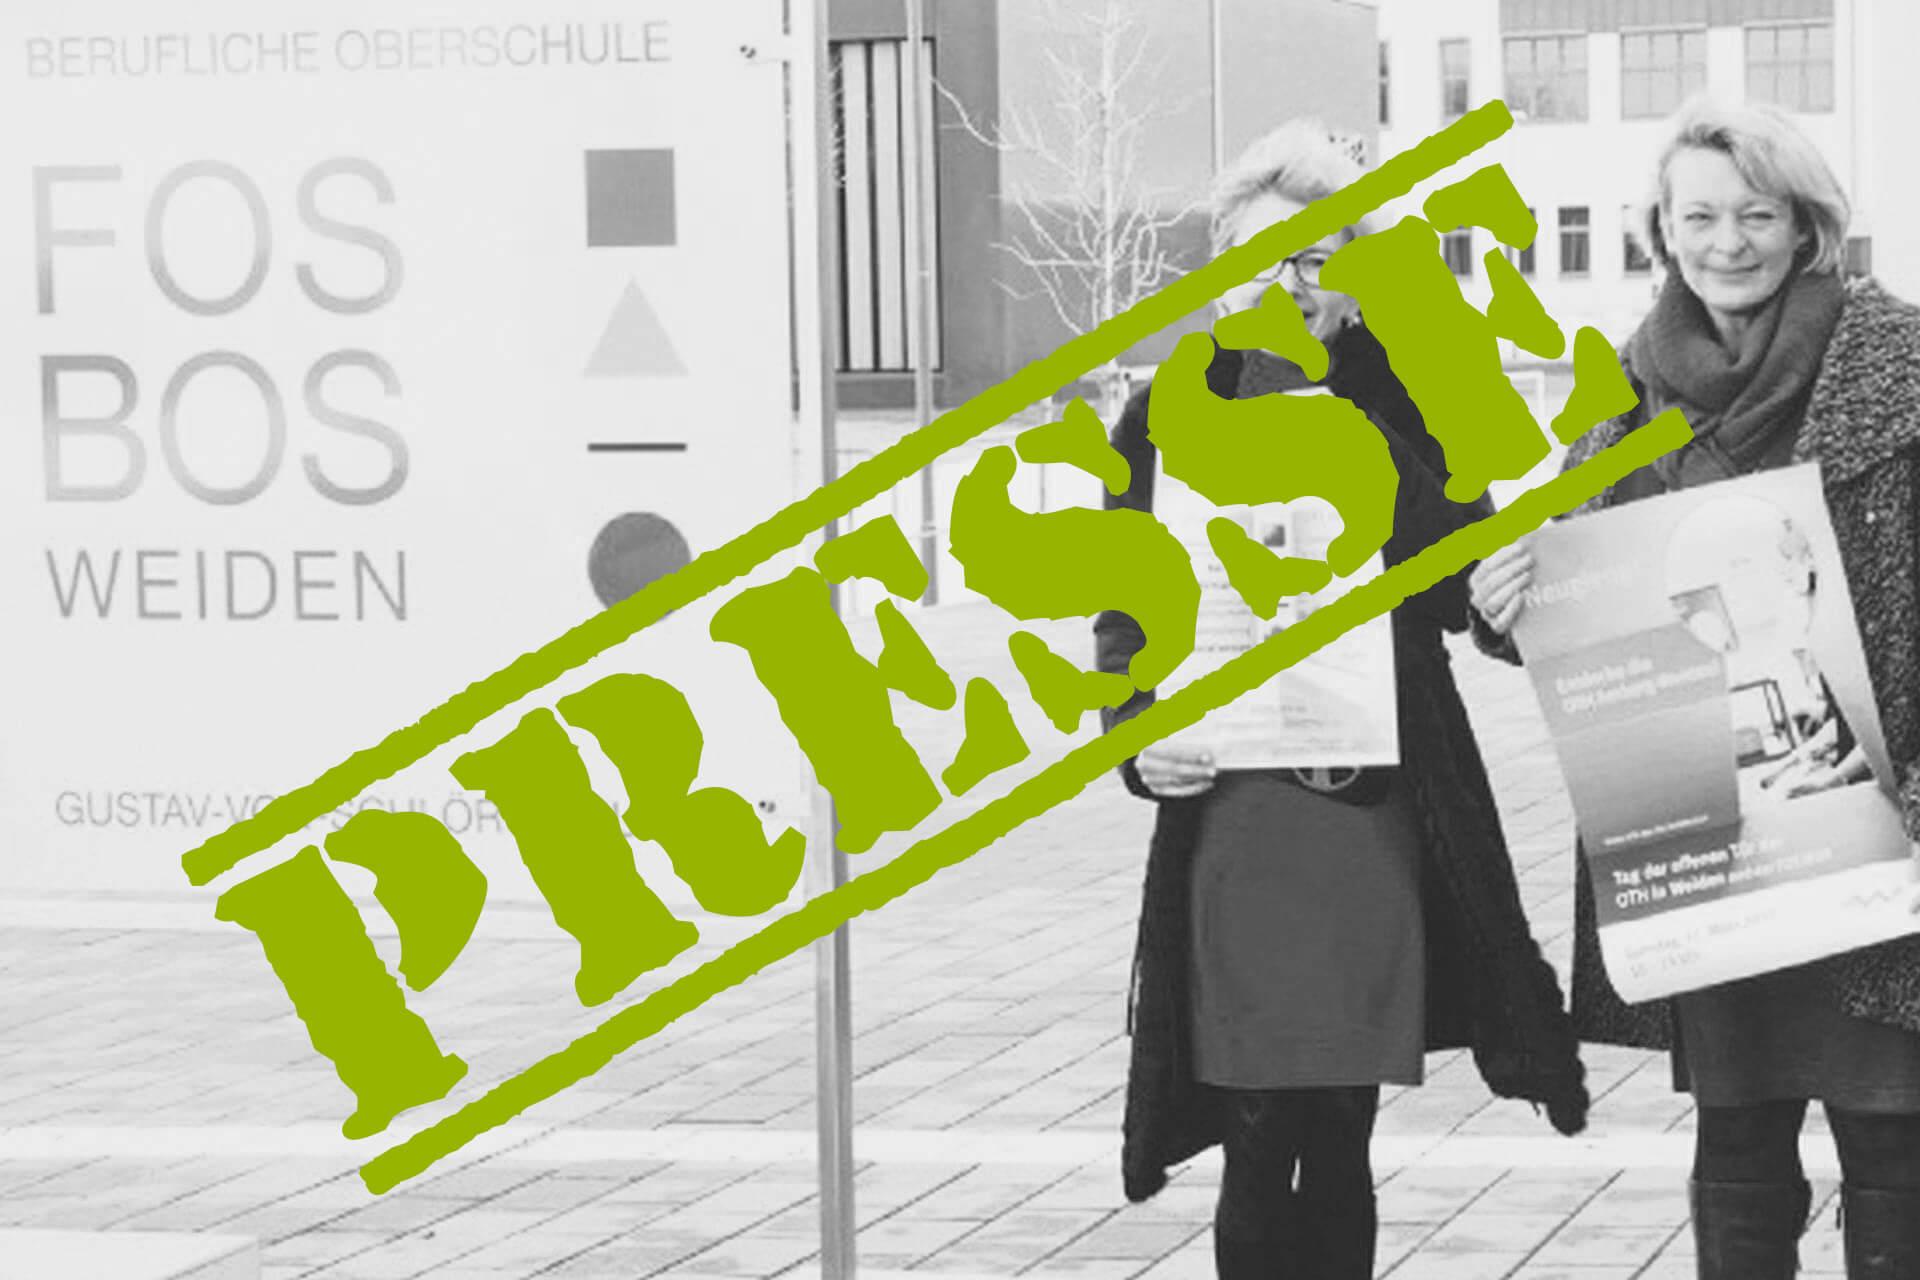 2017 03 04 Presse Oth Fos Tag Der Offenen Tuer Clip Content 1